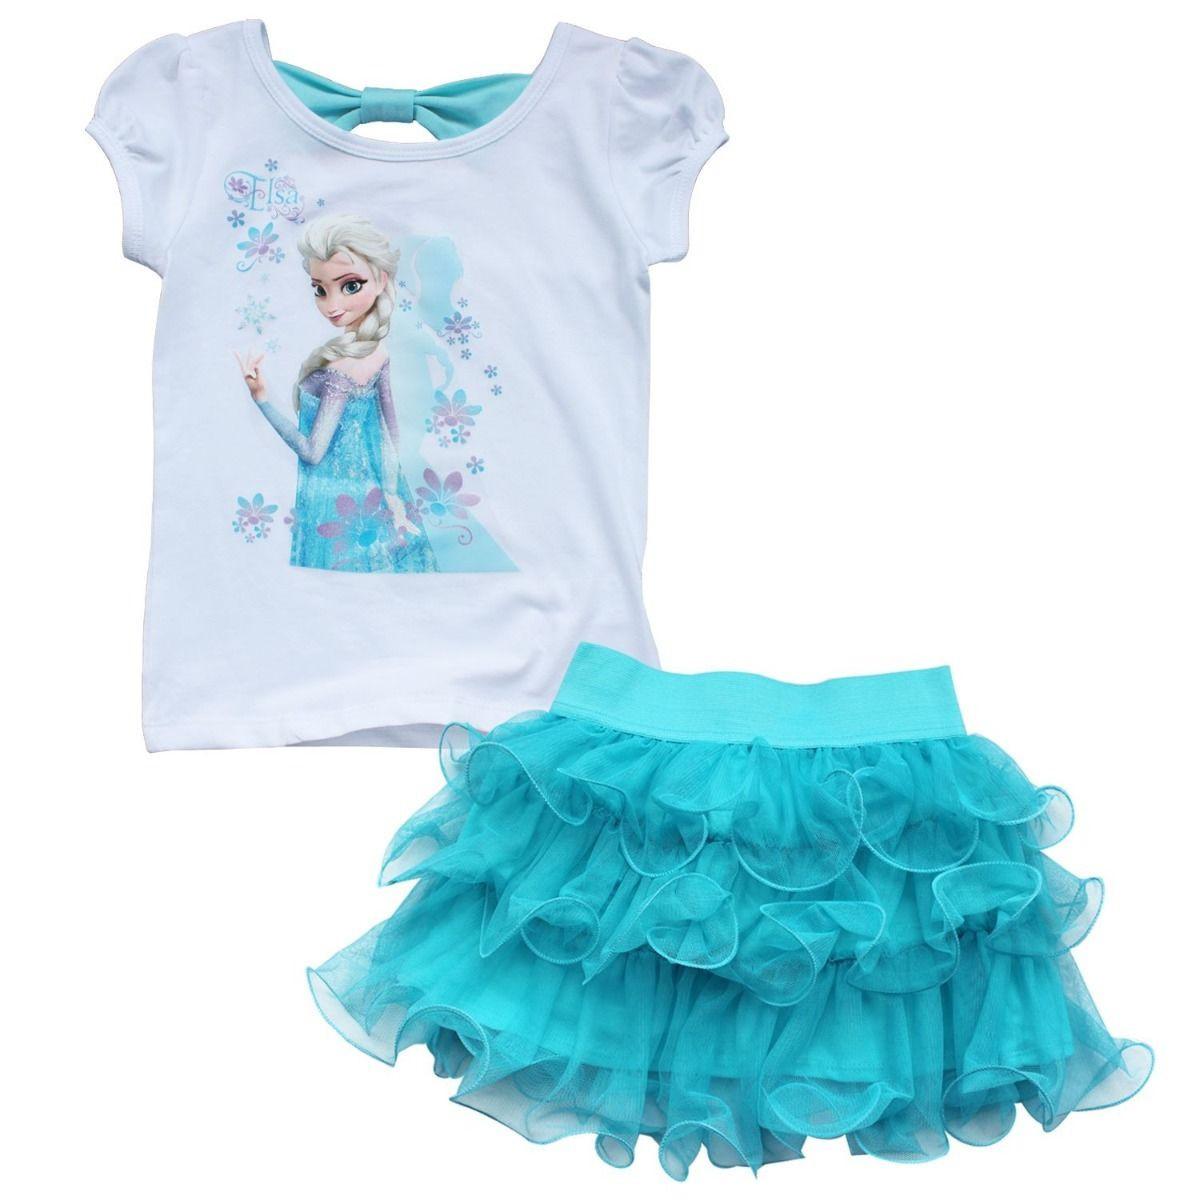 5258f8aa5 Frozen Girls Outfits Princess Queen Elsa T-shirt Top Tutu Skirt ...